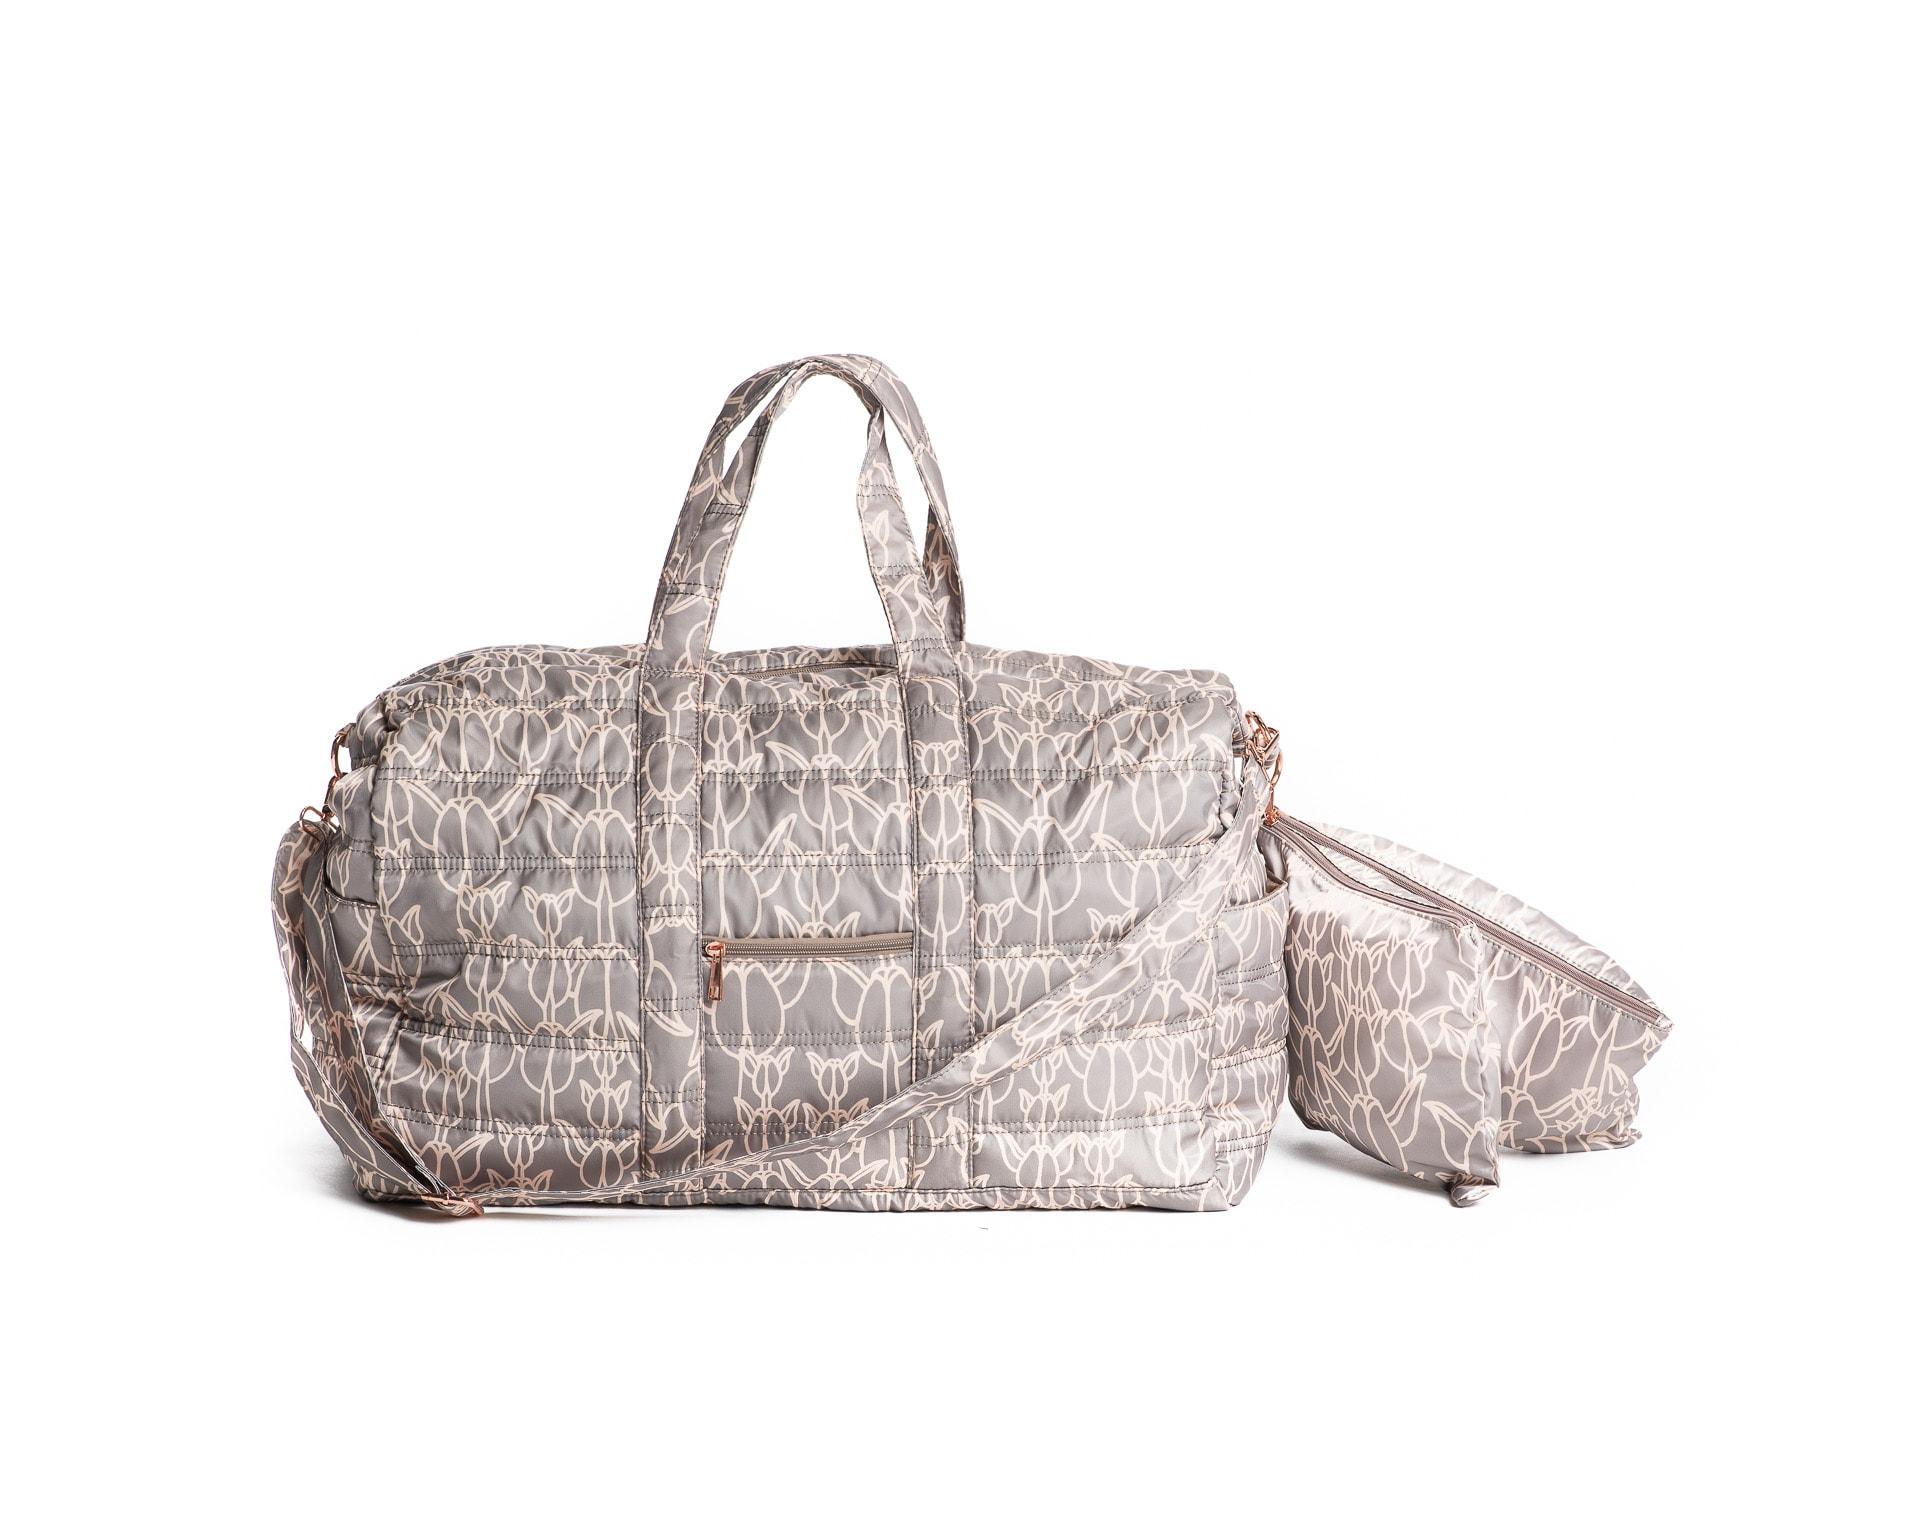 Laulea Bag in Gingersnap/Apricto Sherbert Kapualiko